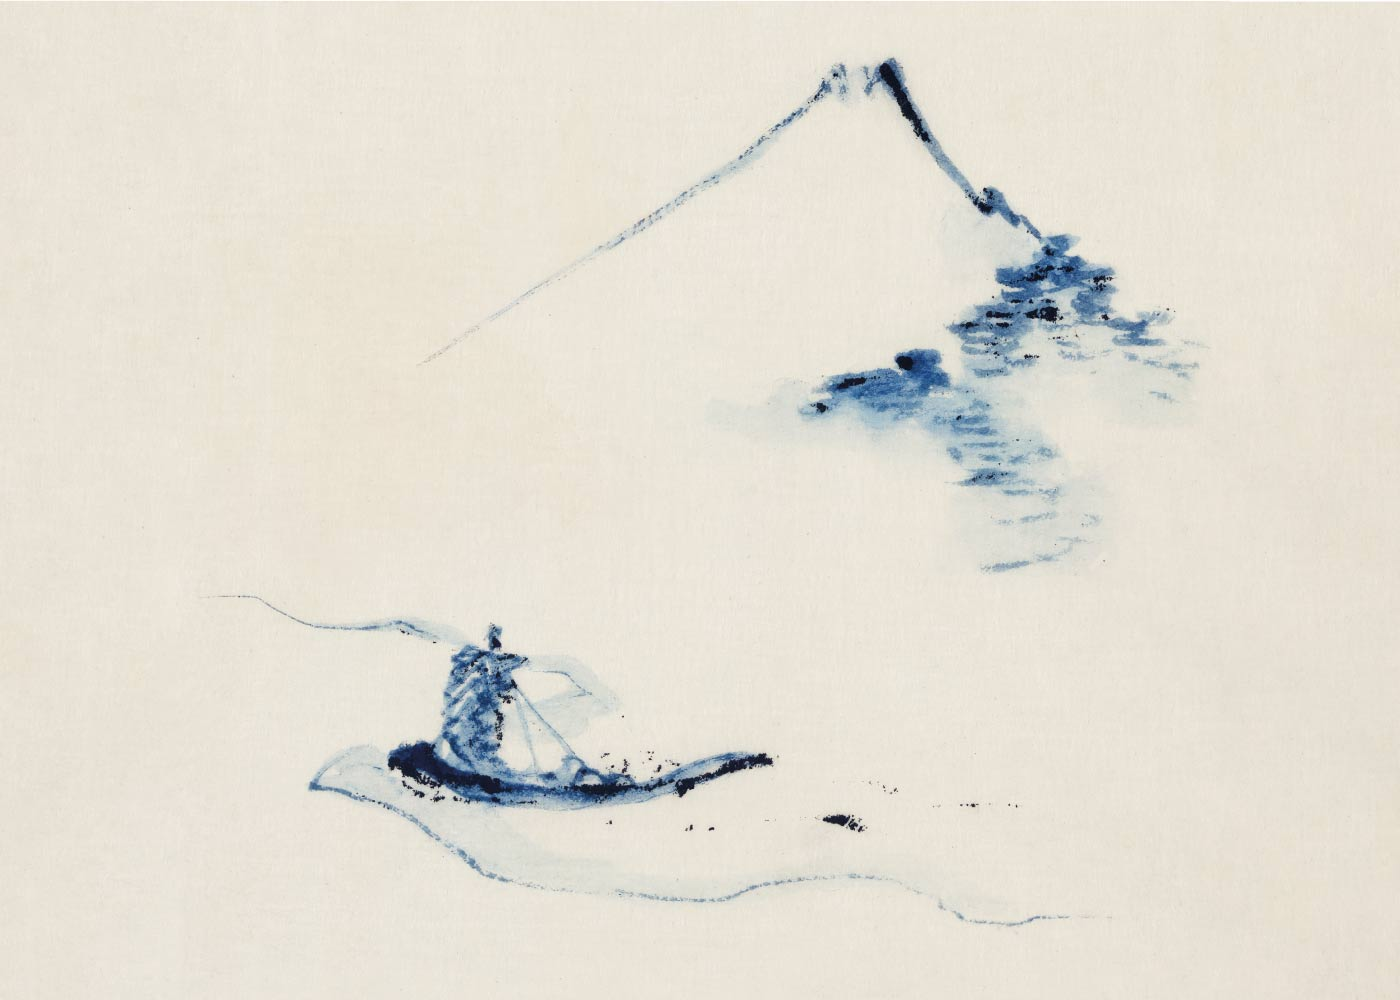 Billede af A Small boat on a river - Japansk kunstplakat